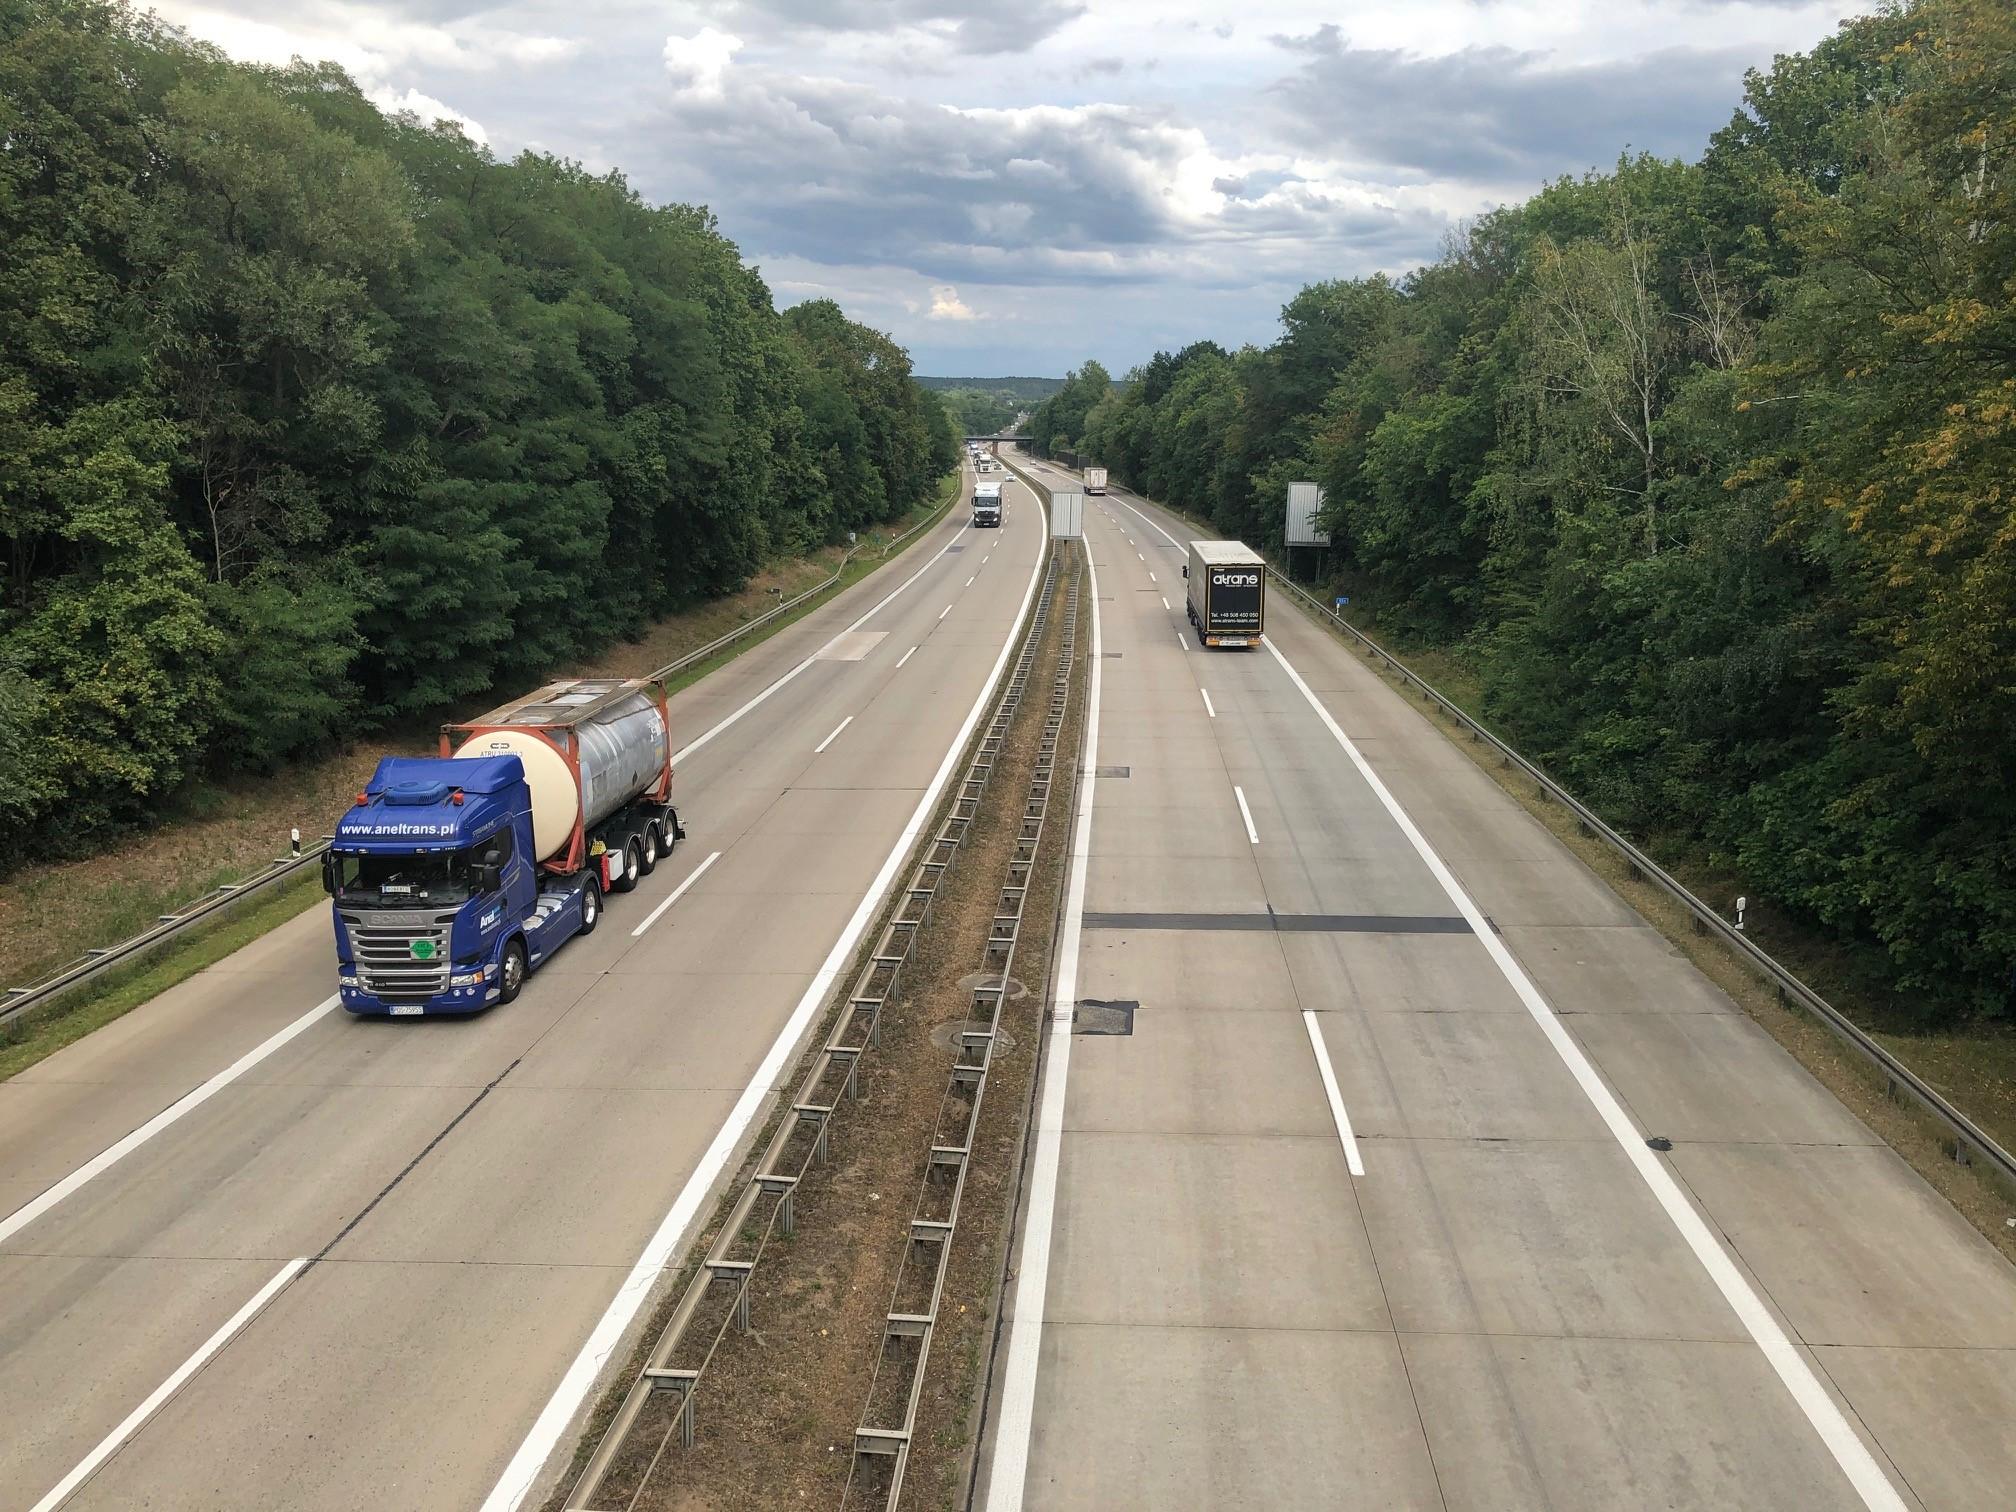 Gute Nachrichten für Güldendorf: Lärmschutzwand an der A12 geplant